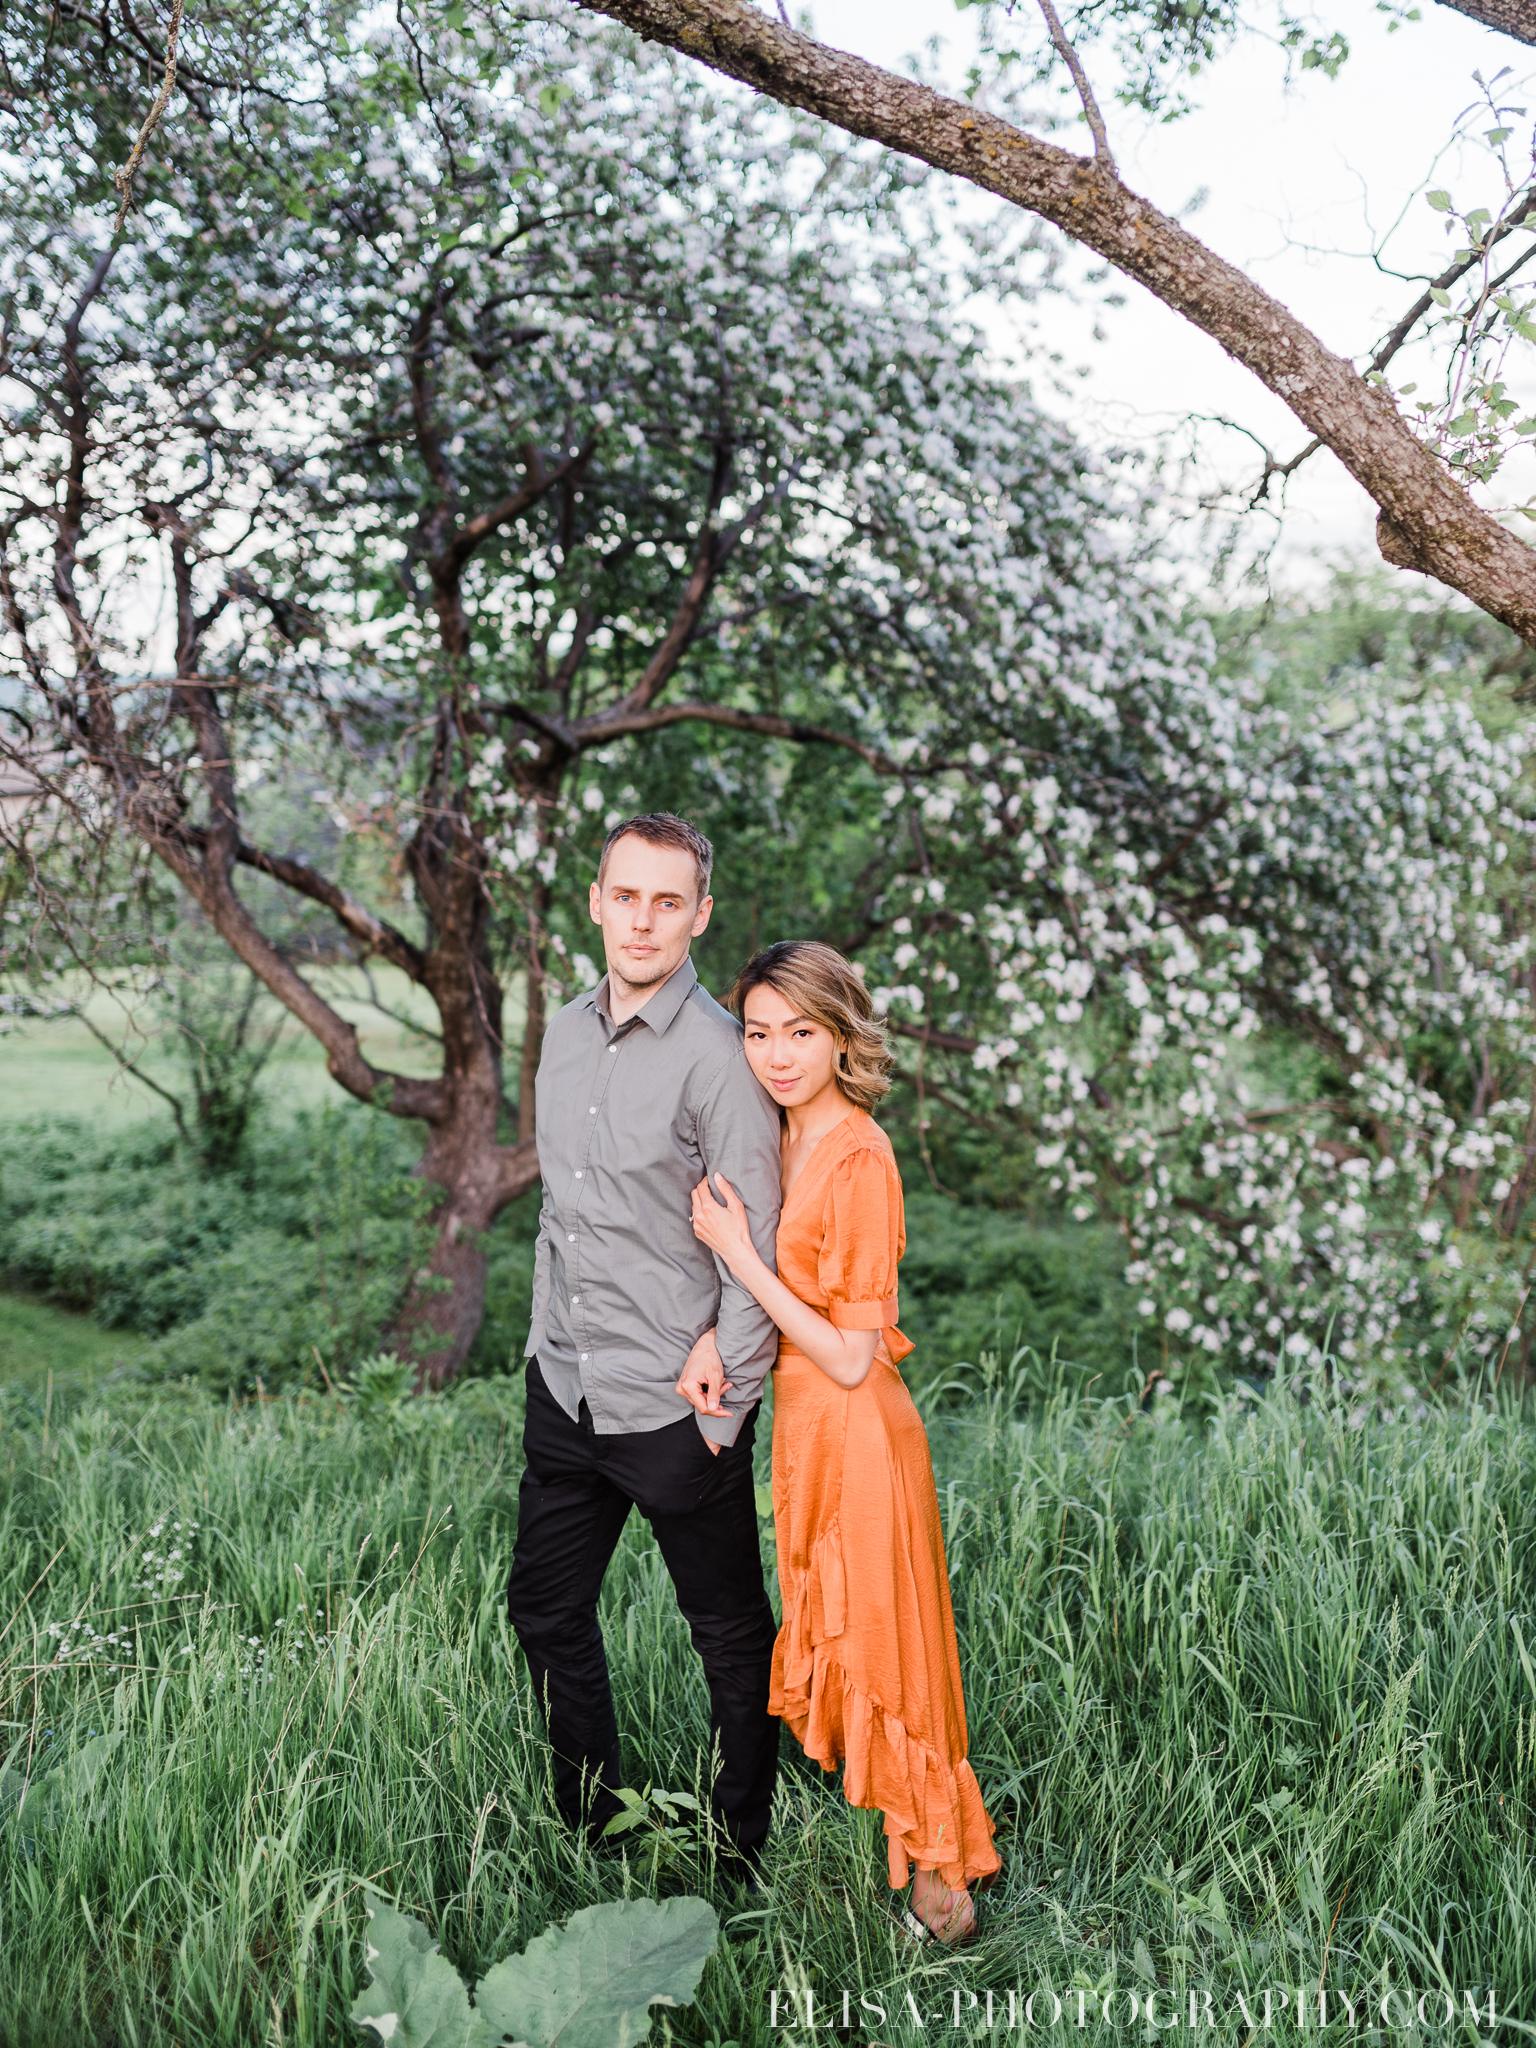 photos couple engagement fiancailles ville quebec canada manoir montmorency elisa photographe mariage 6865 - Séance photo de couple au manoir Montmorency à Québec